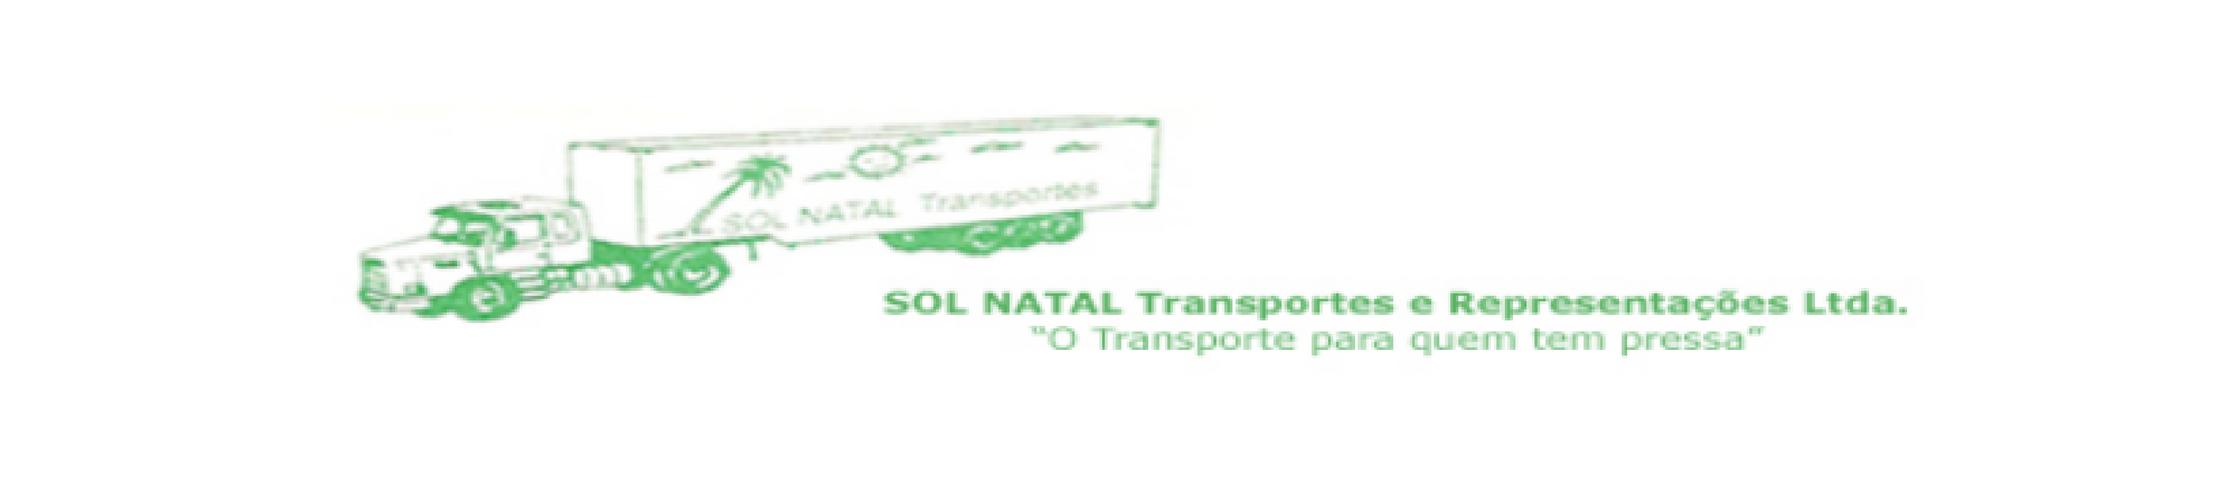 SOL-NATAL-TRANSPORTES-E-REPRESENTAcoES-LTDA-logo.png